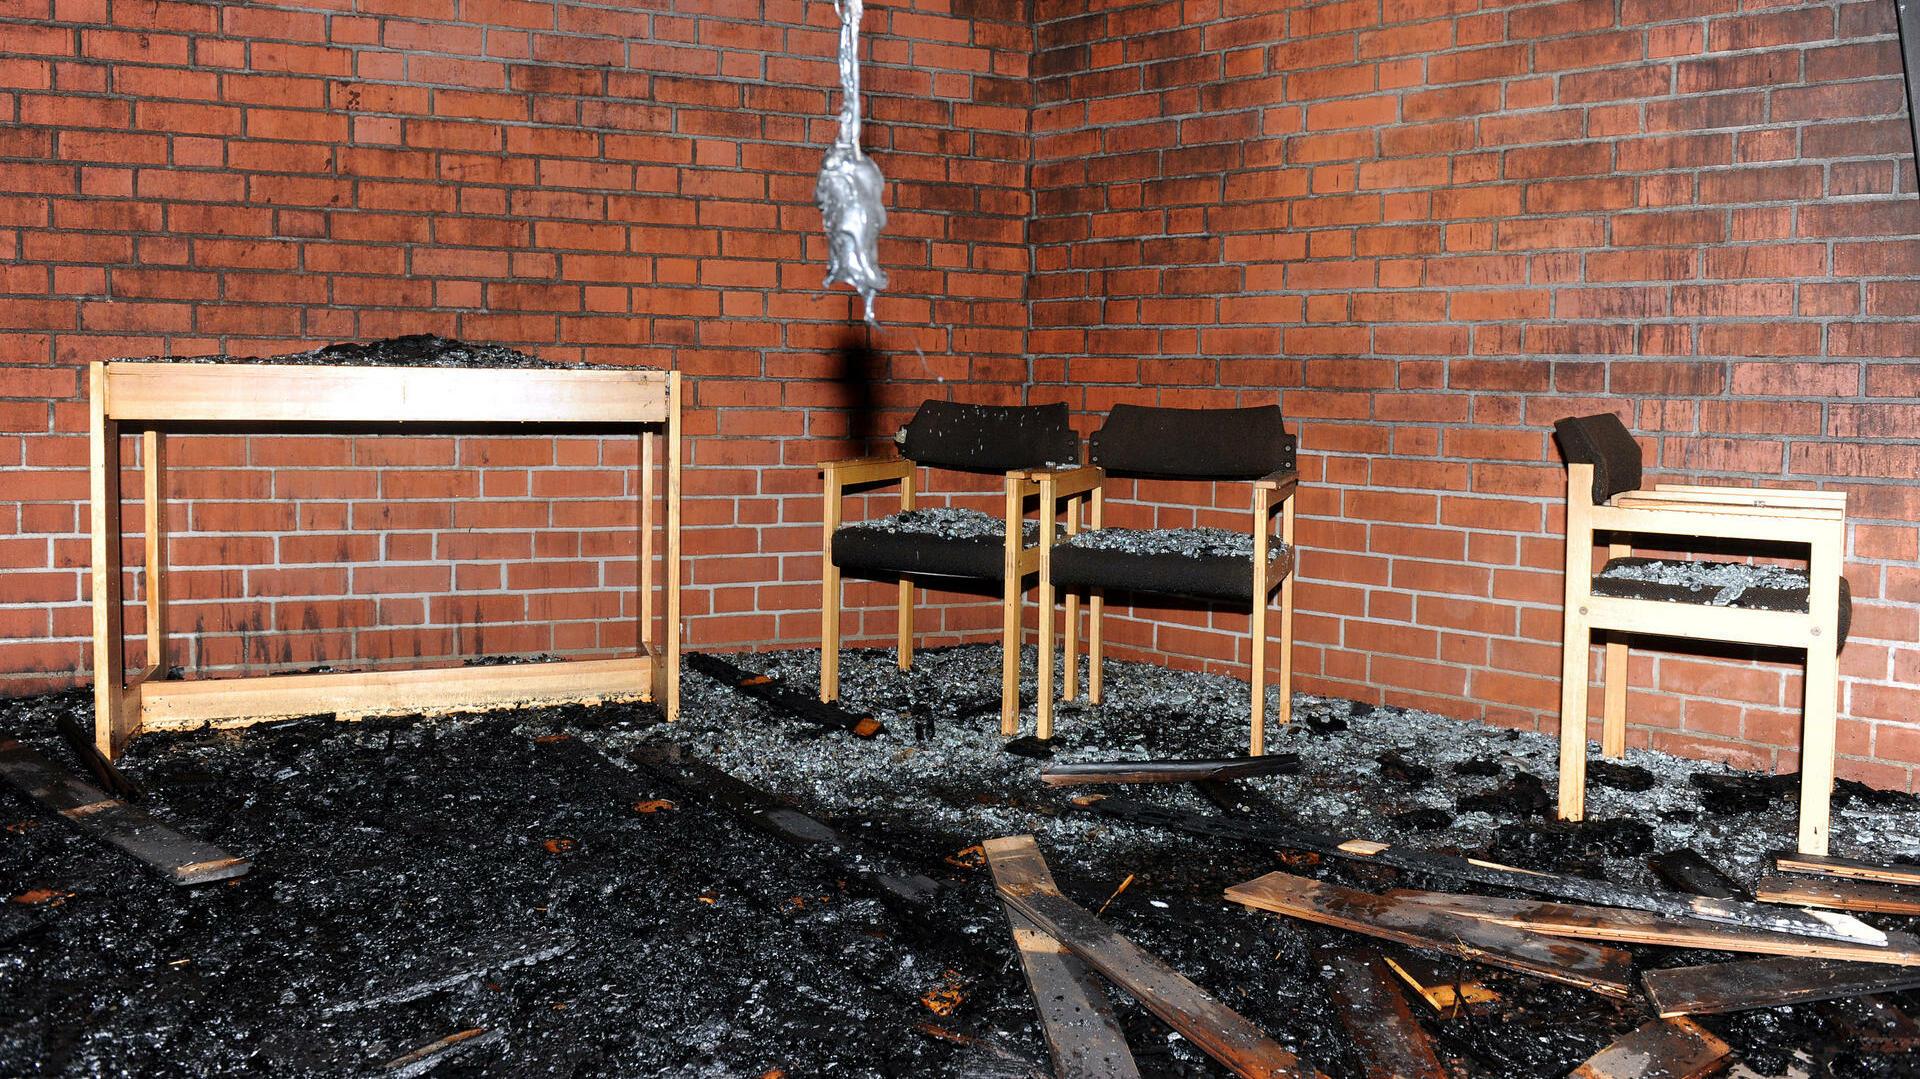 sicherheitstechnik sonderkonjunktur f r die branche. Black Bedroom Furniture Sets. Home Design Ideas